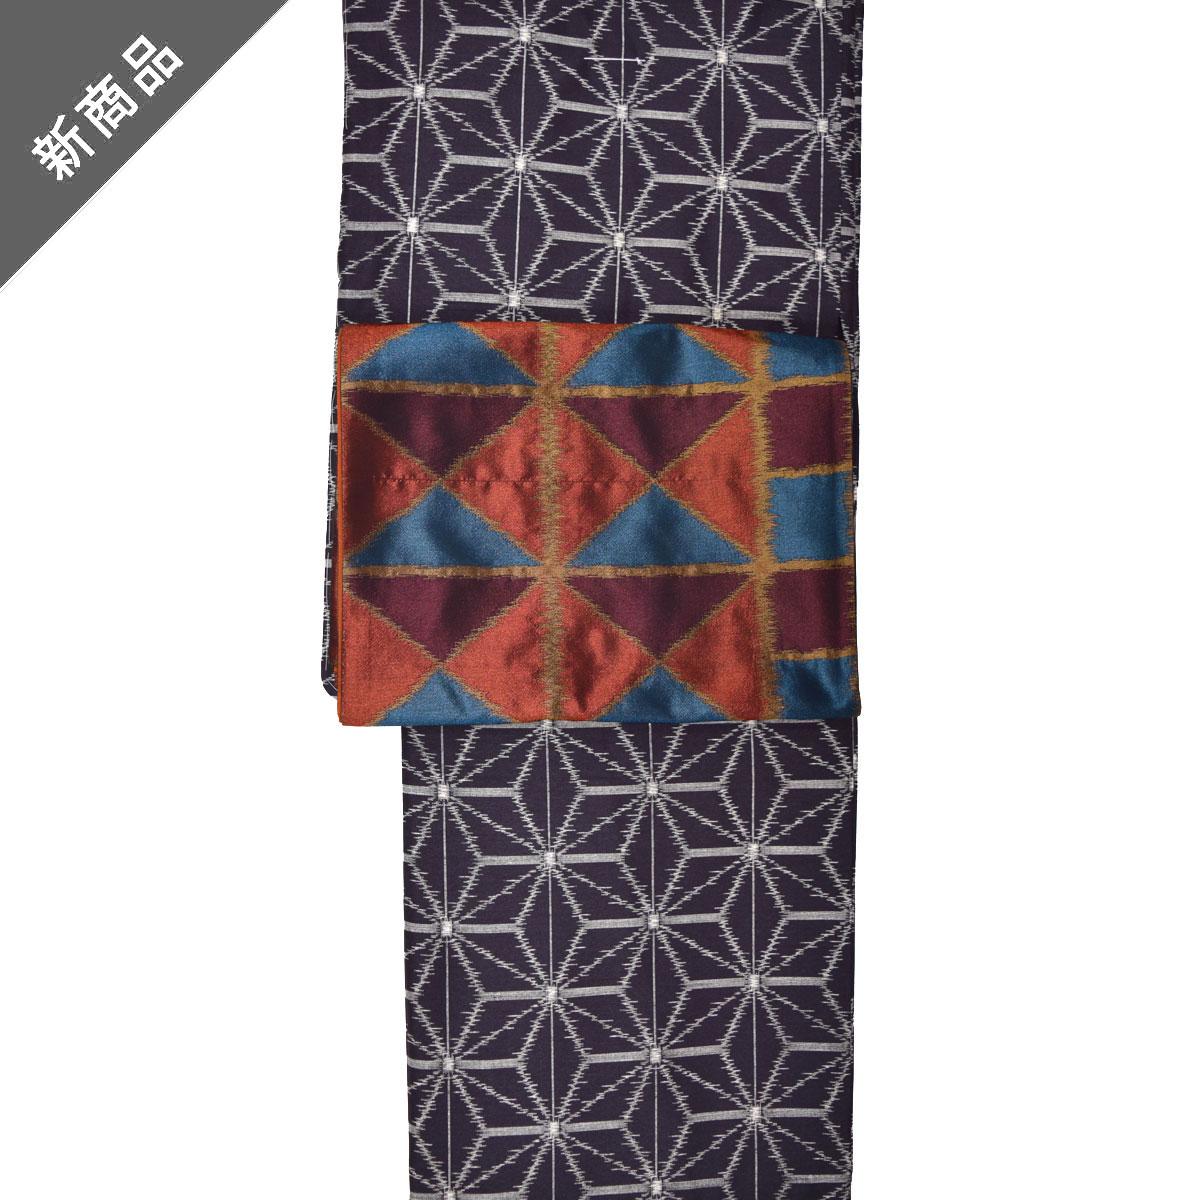 洗える着物【袷】セット【Mサイズ】洗える着物【紬bonheur saison】+洗える京袋帯番号d129-107